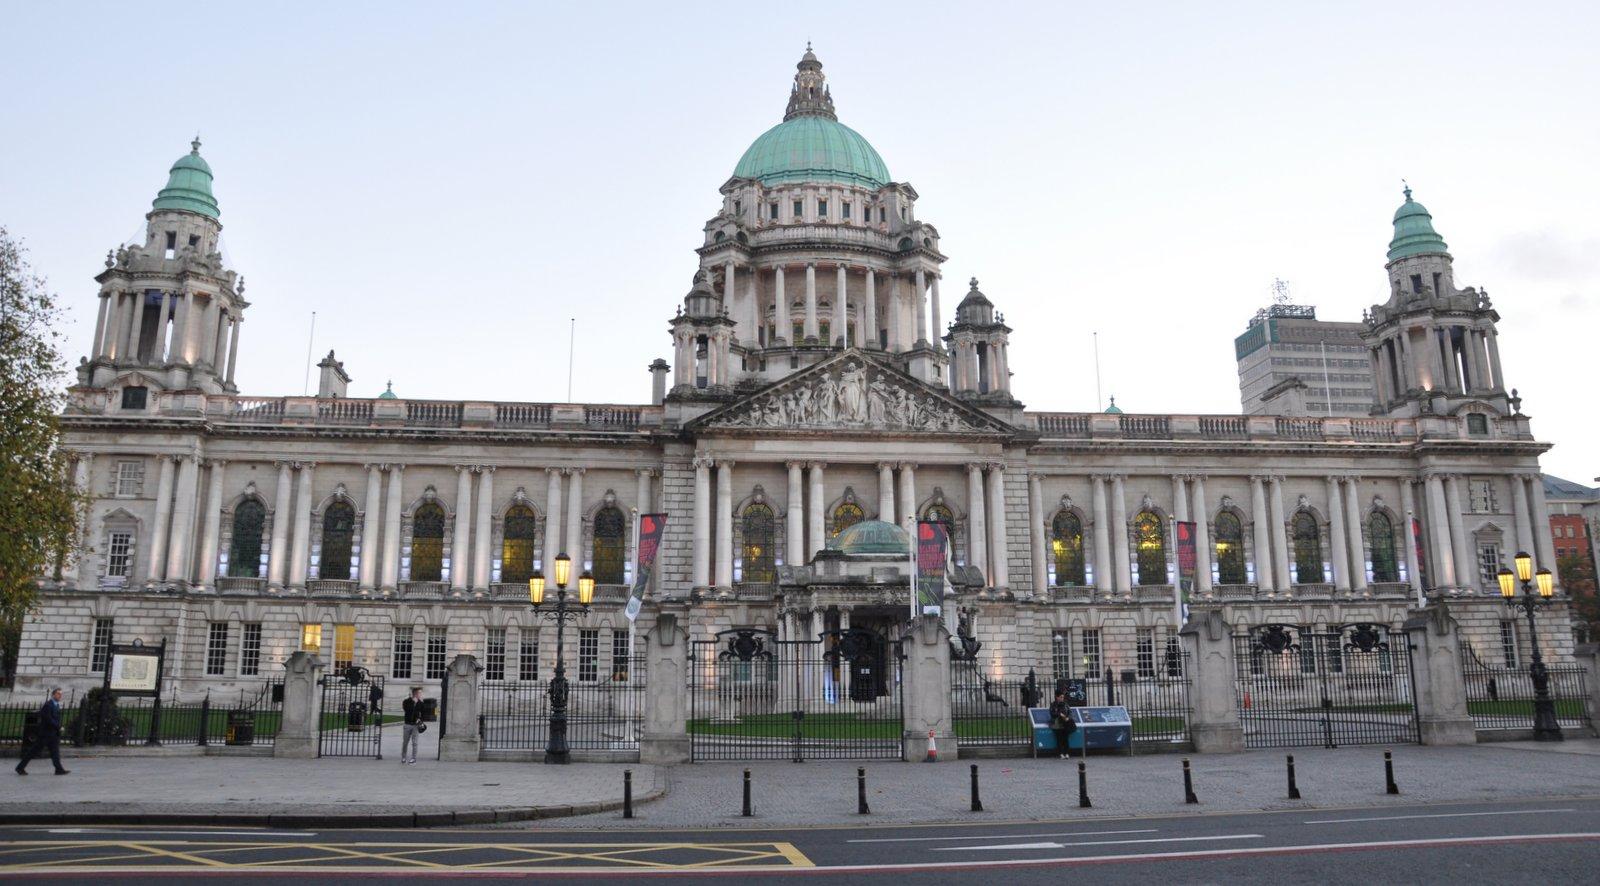 L'Hôtel de ville de Belfast, en Irlande du Nord